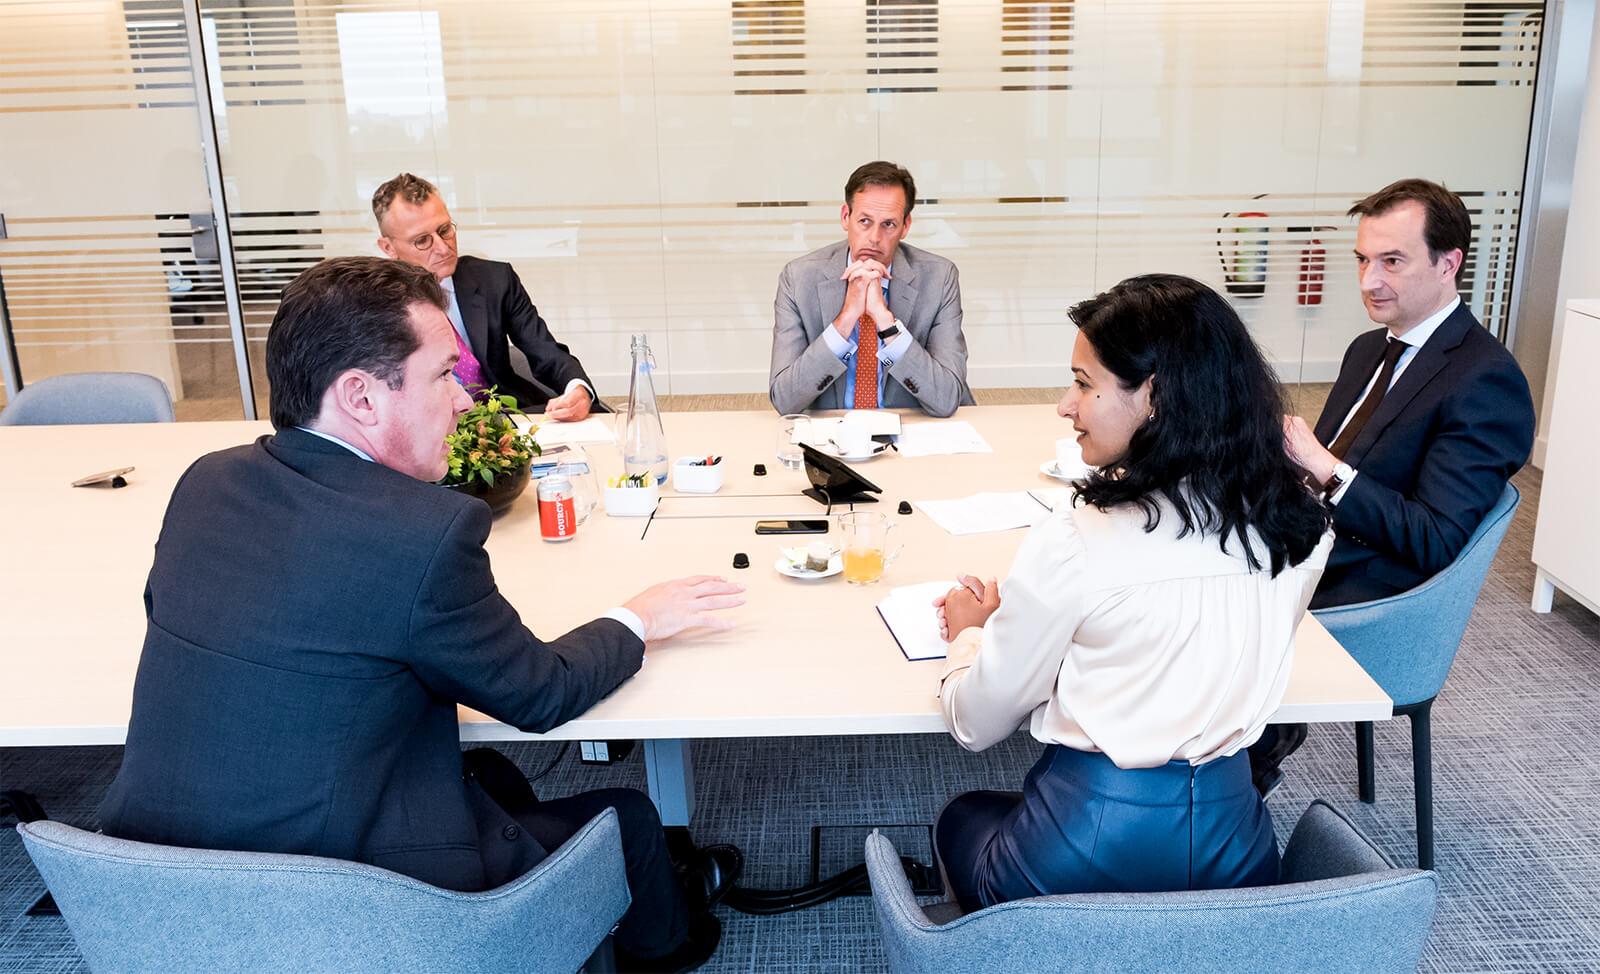 zakelijke mensen in vergadering